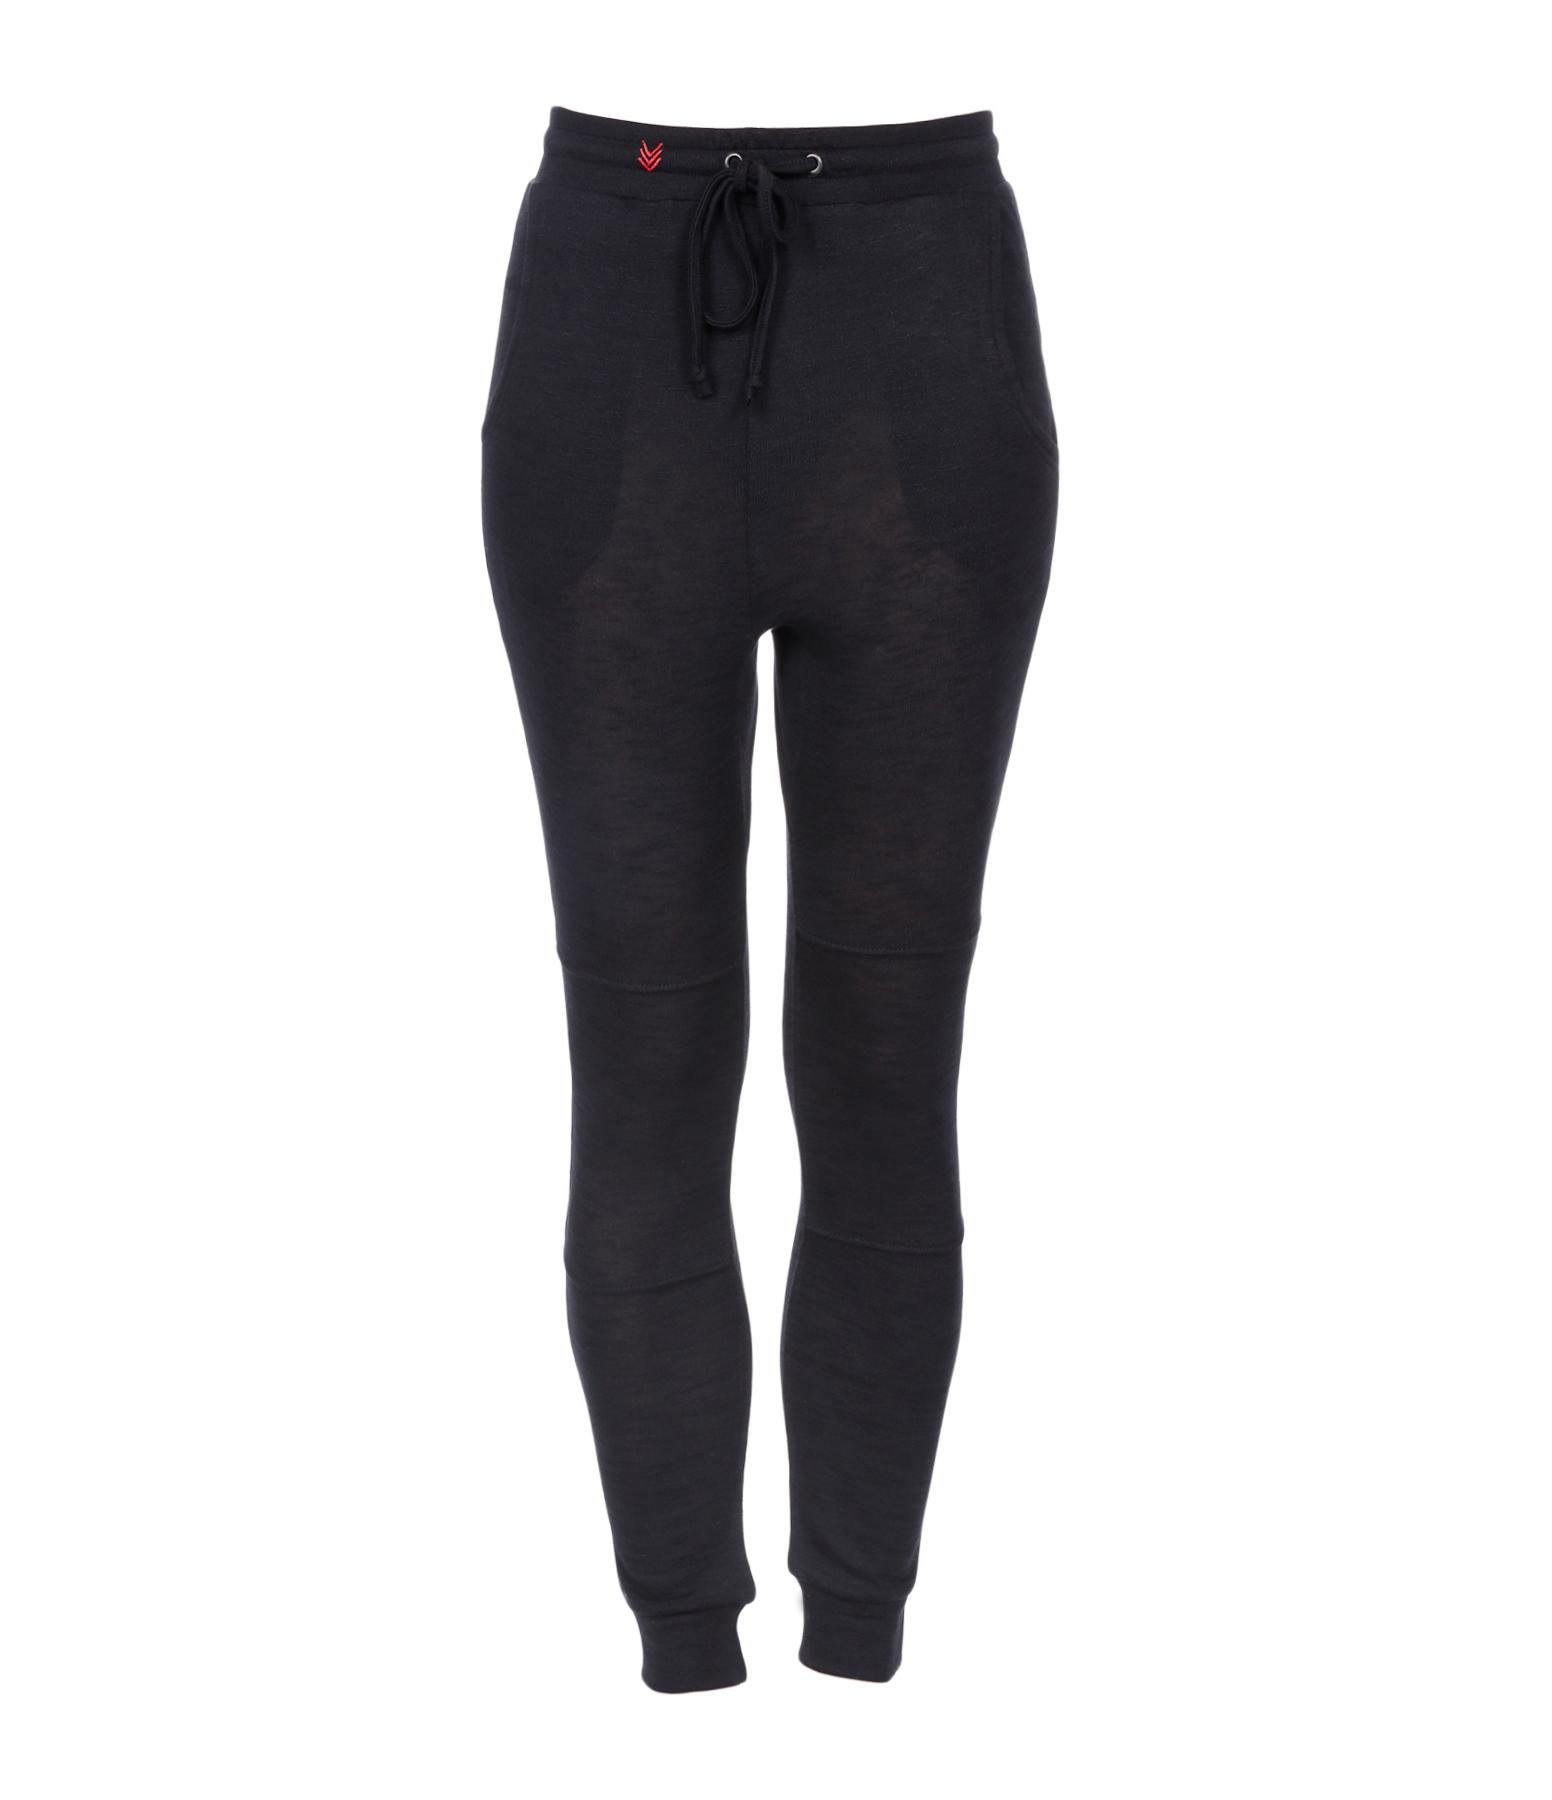 Pantalon Jogging Bondi Noir